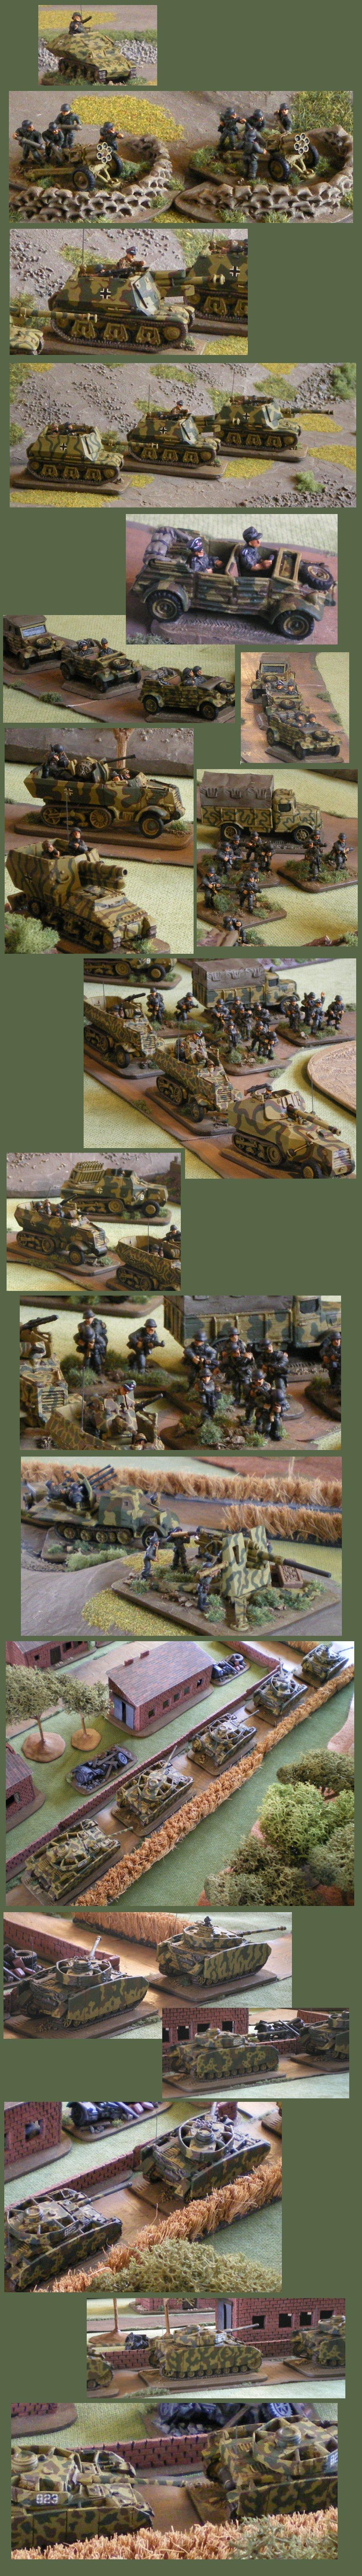 Allemands 1944: la 21ème Panzer et ses drôles de machines (15mm) 160120121032519638